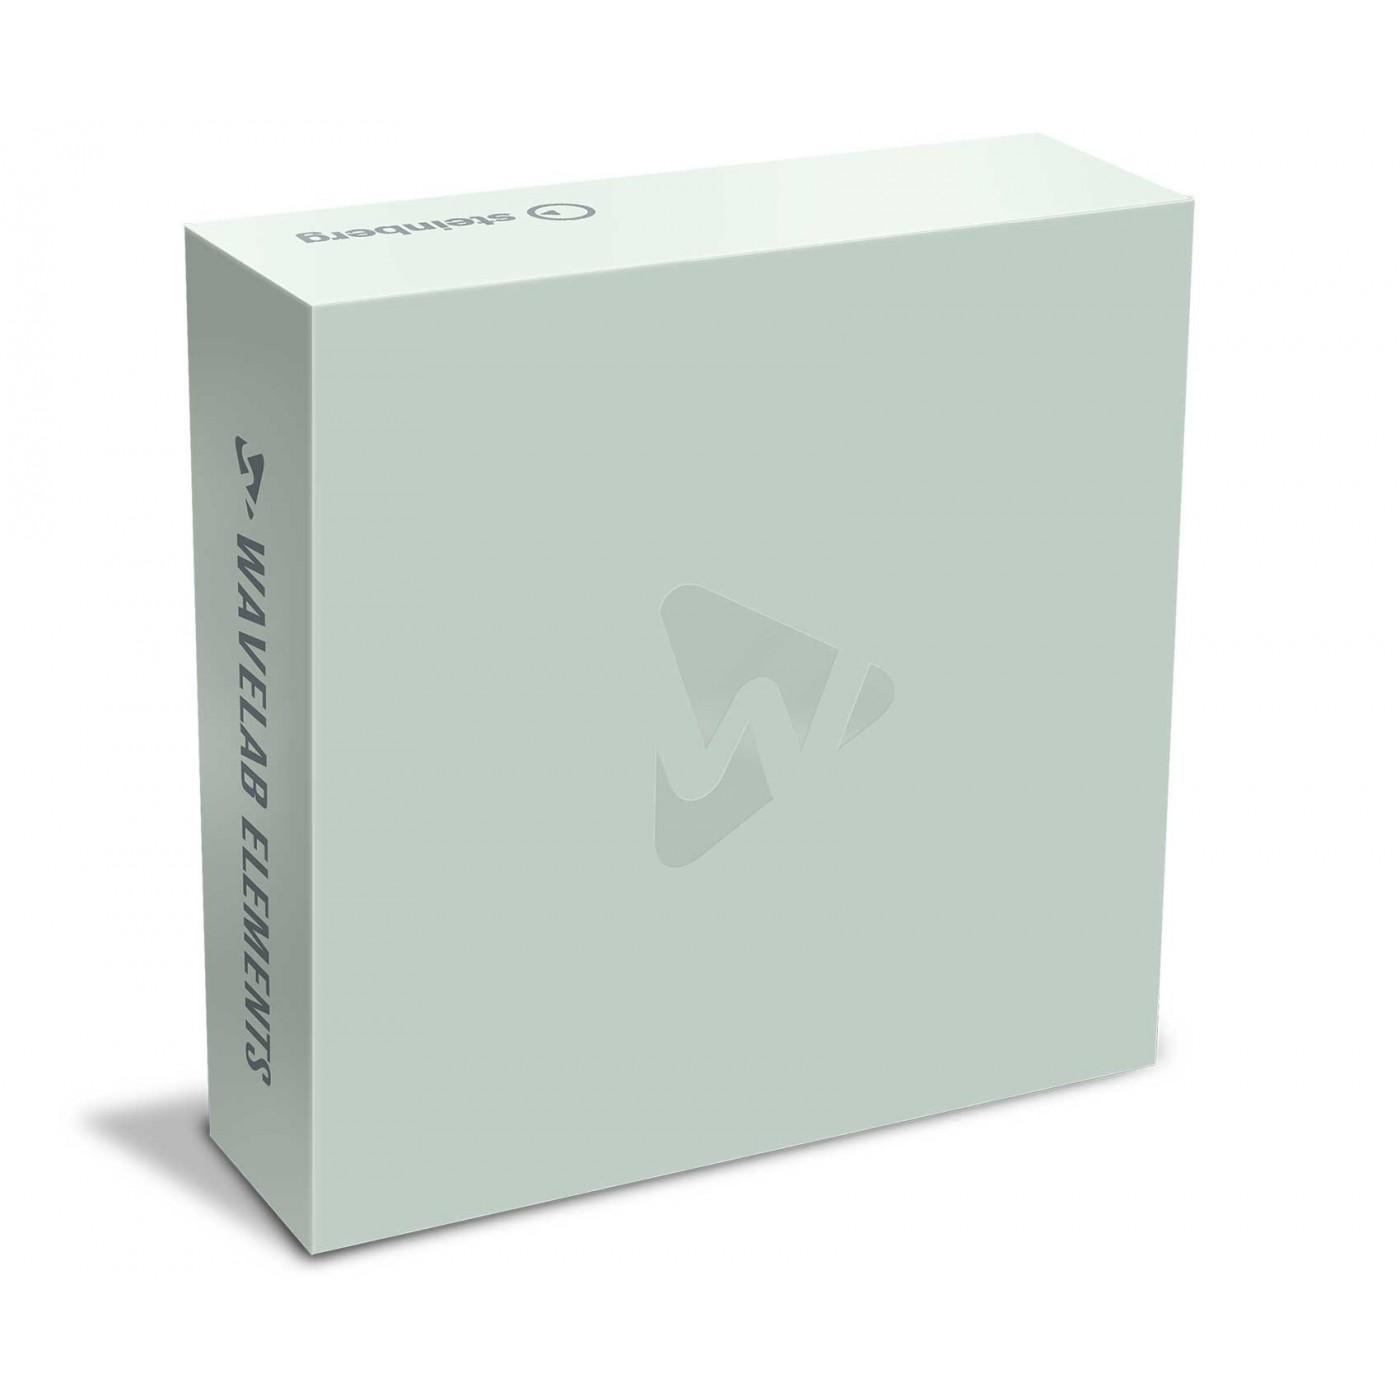 Steinberg WAVELAB 10 Elements | Rage Audio